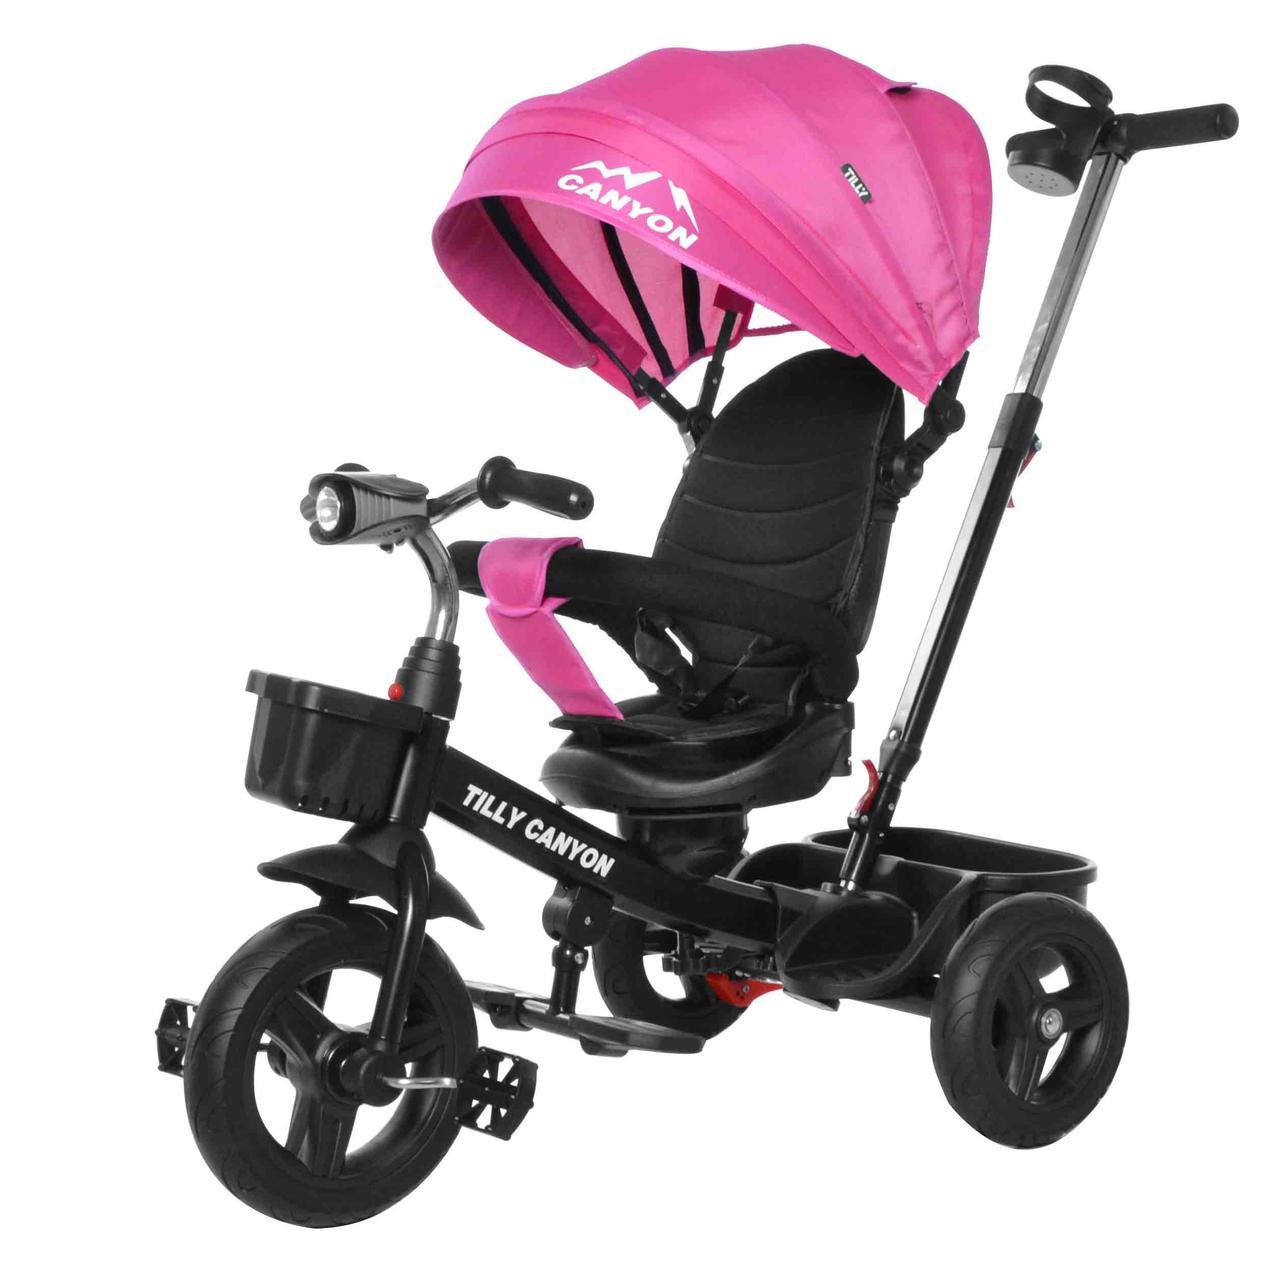 Велосипед трехколесный Tilly Canyon T-384 Розовый